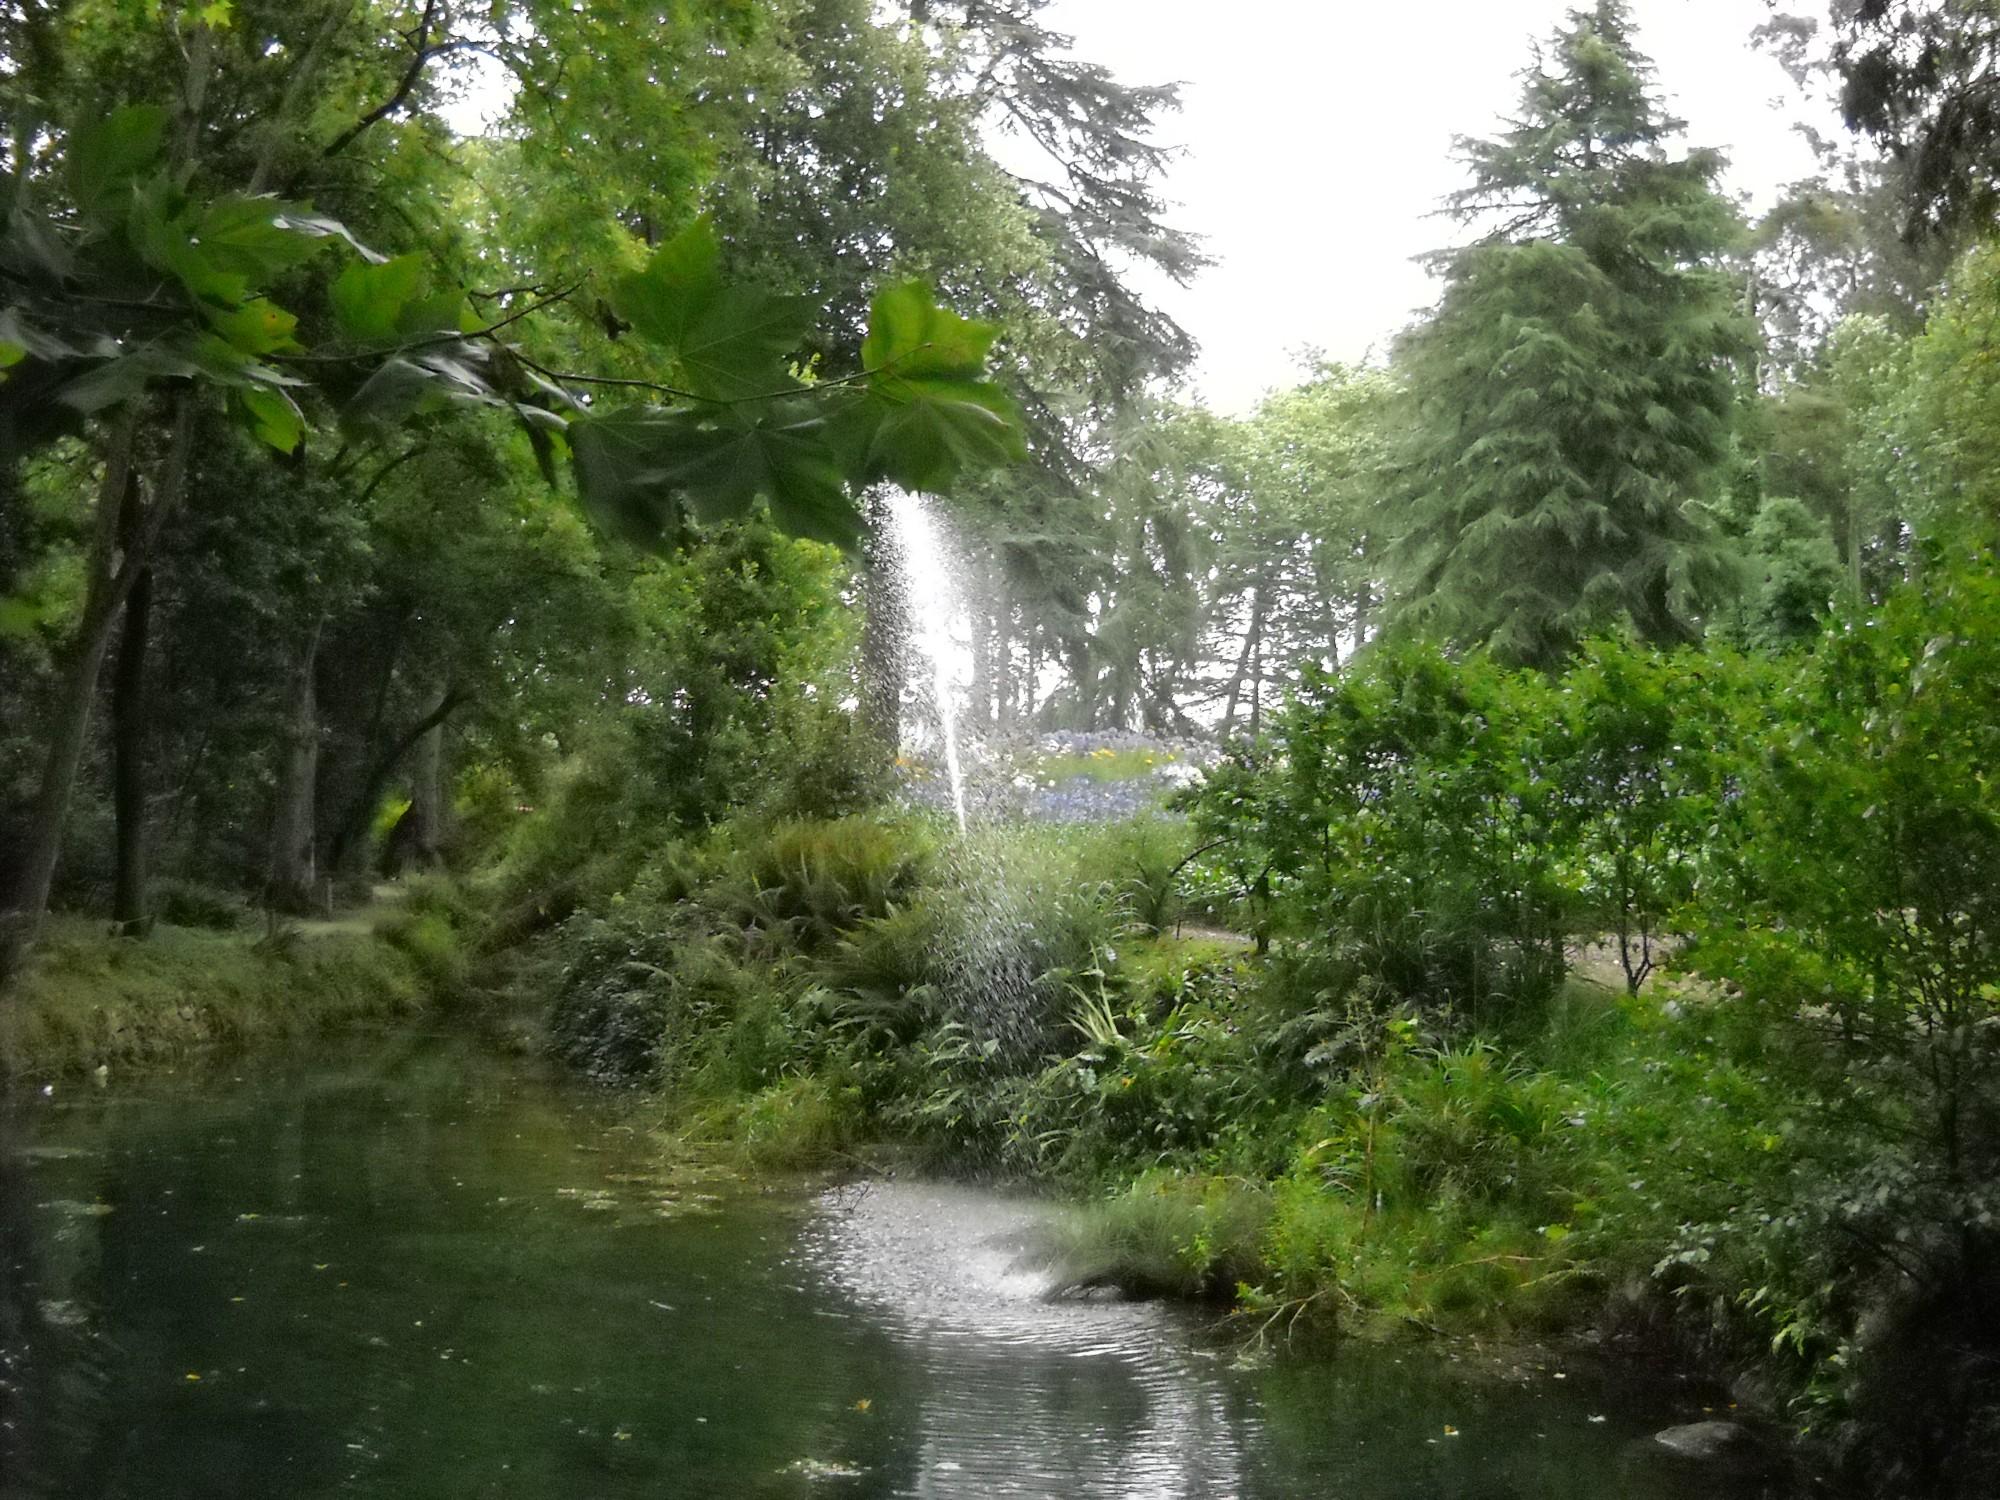 Атлантический ботанический сад недалеко от города Хихон